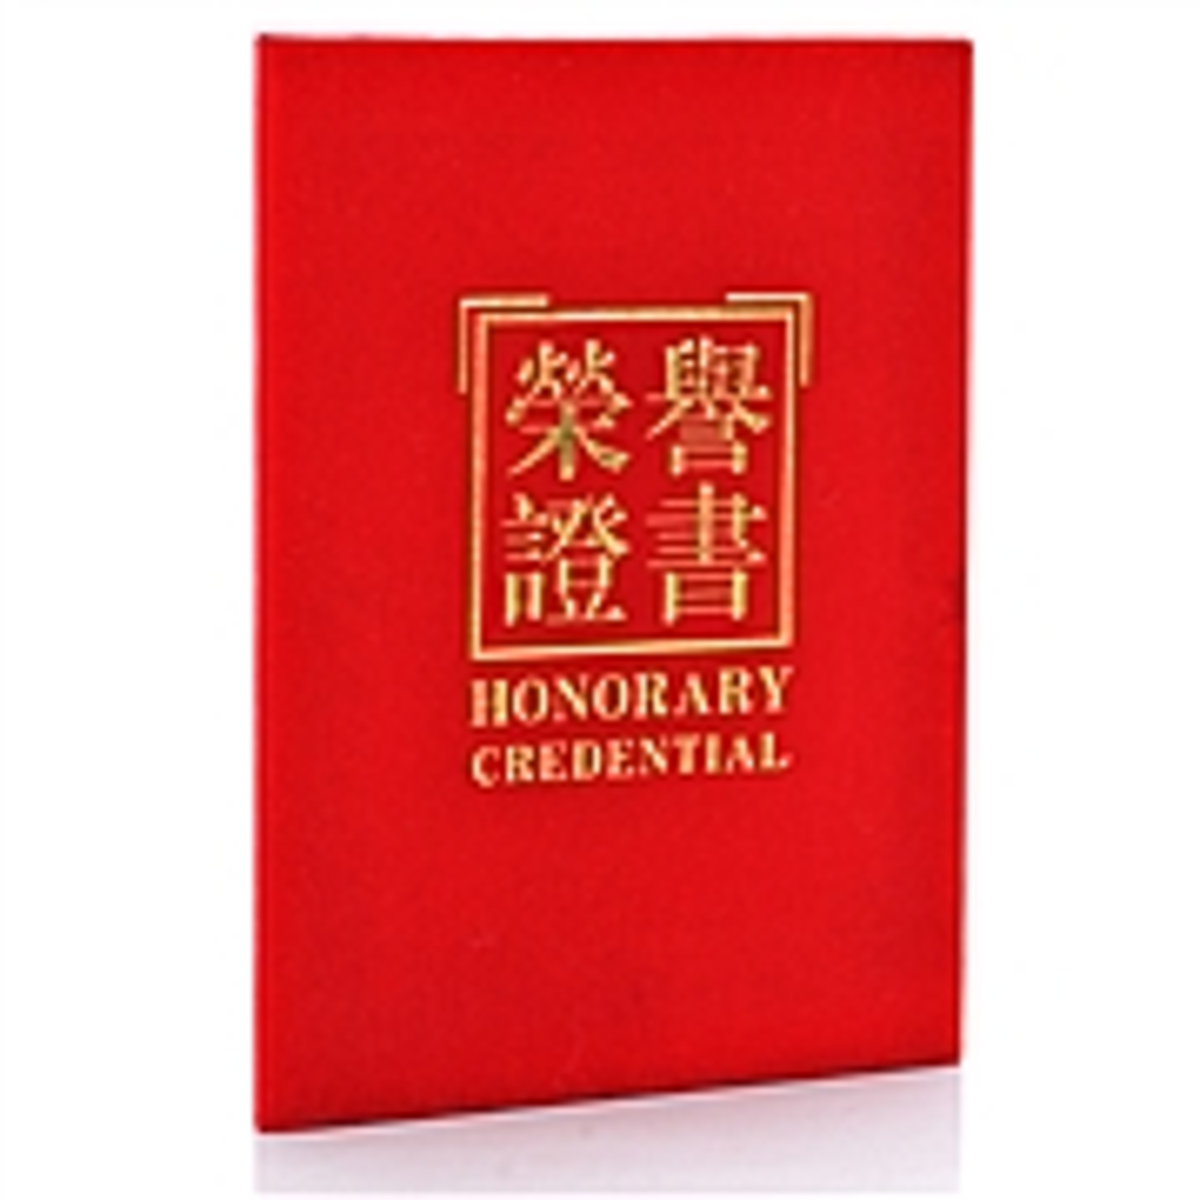 广博 ZS6686-1 绒面荣誉证书 180*255*10mm (单位:本) 红色